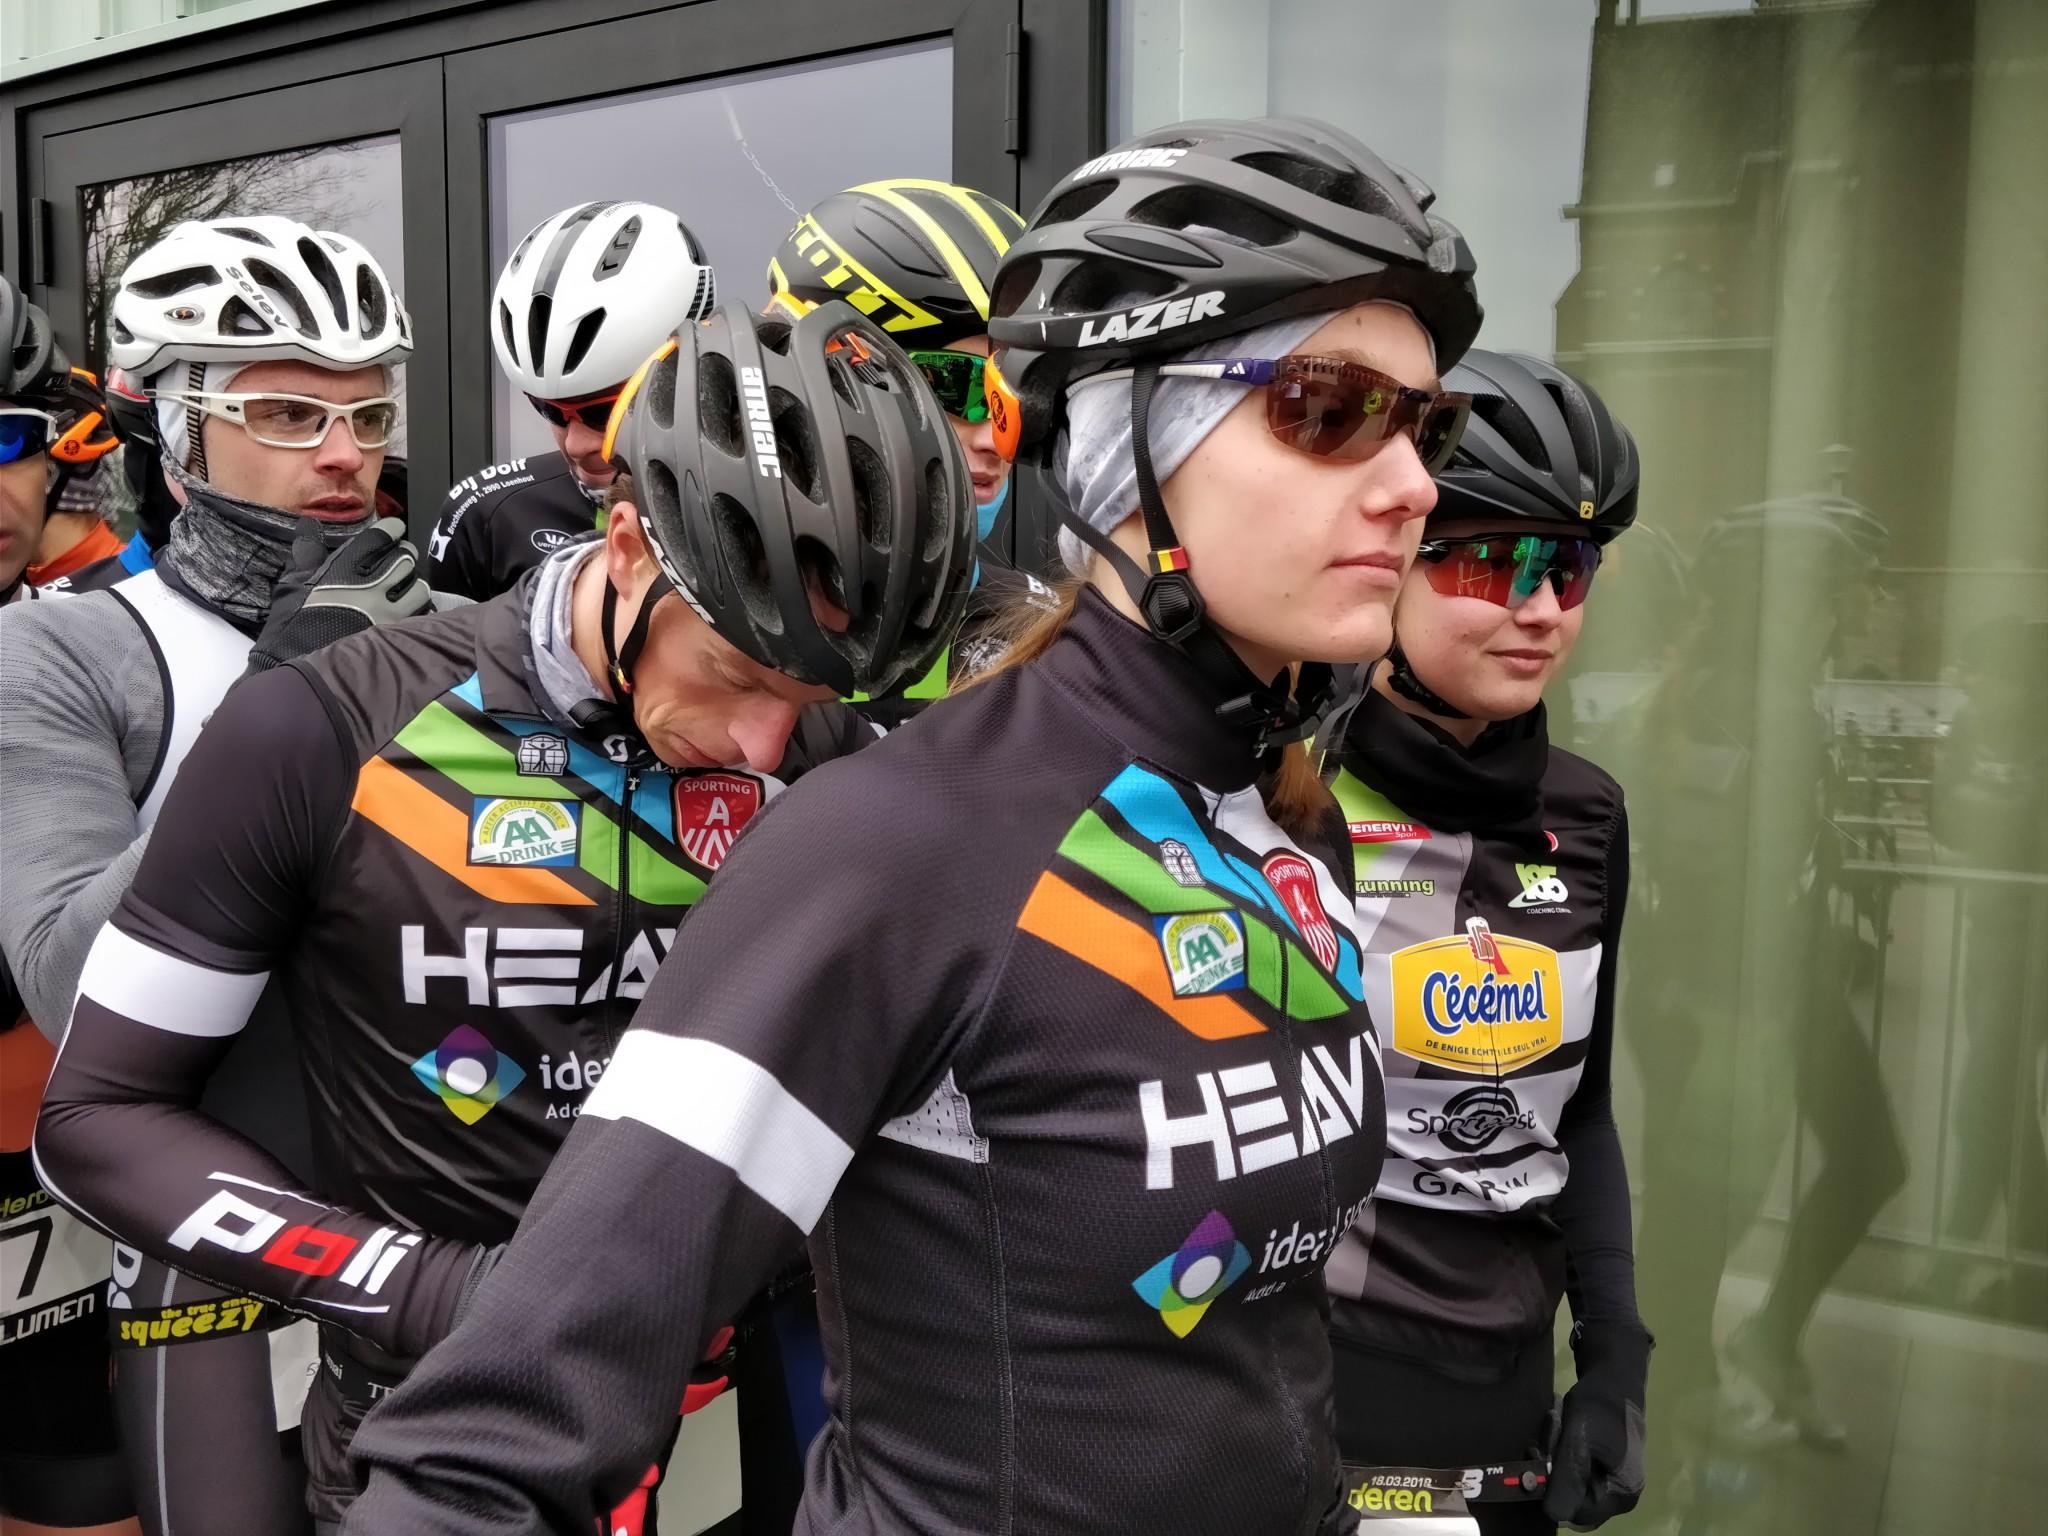 Klaar voor de start van het fietsen (foto: 3athlon.be/Hans Cleemput)